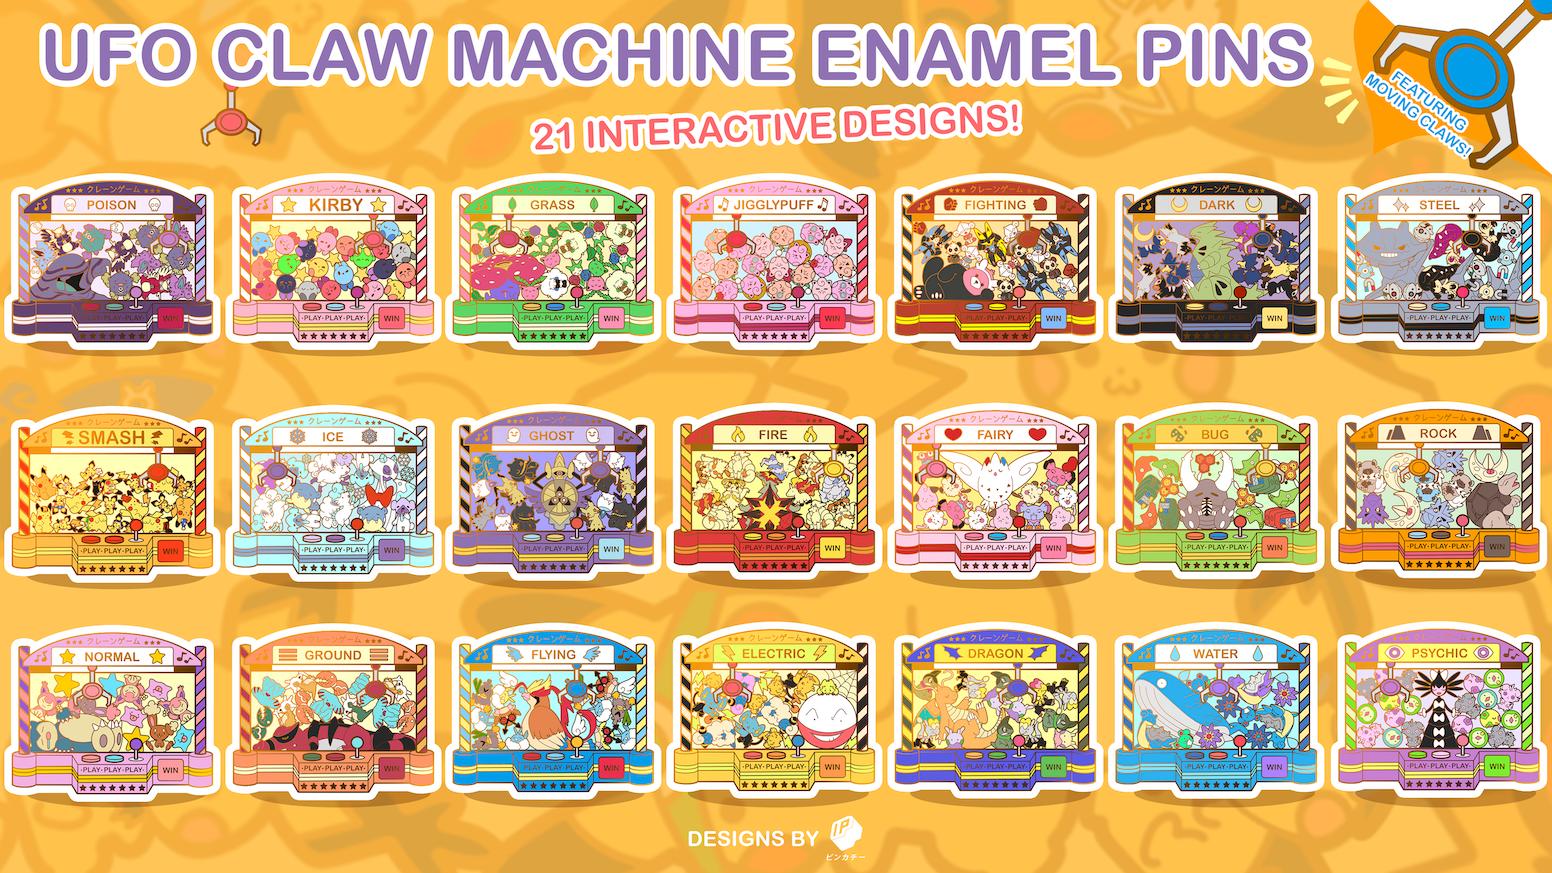 Kawaii UFO Claw Machine Enamel Pins by Pinkachii — Kickstarter